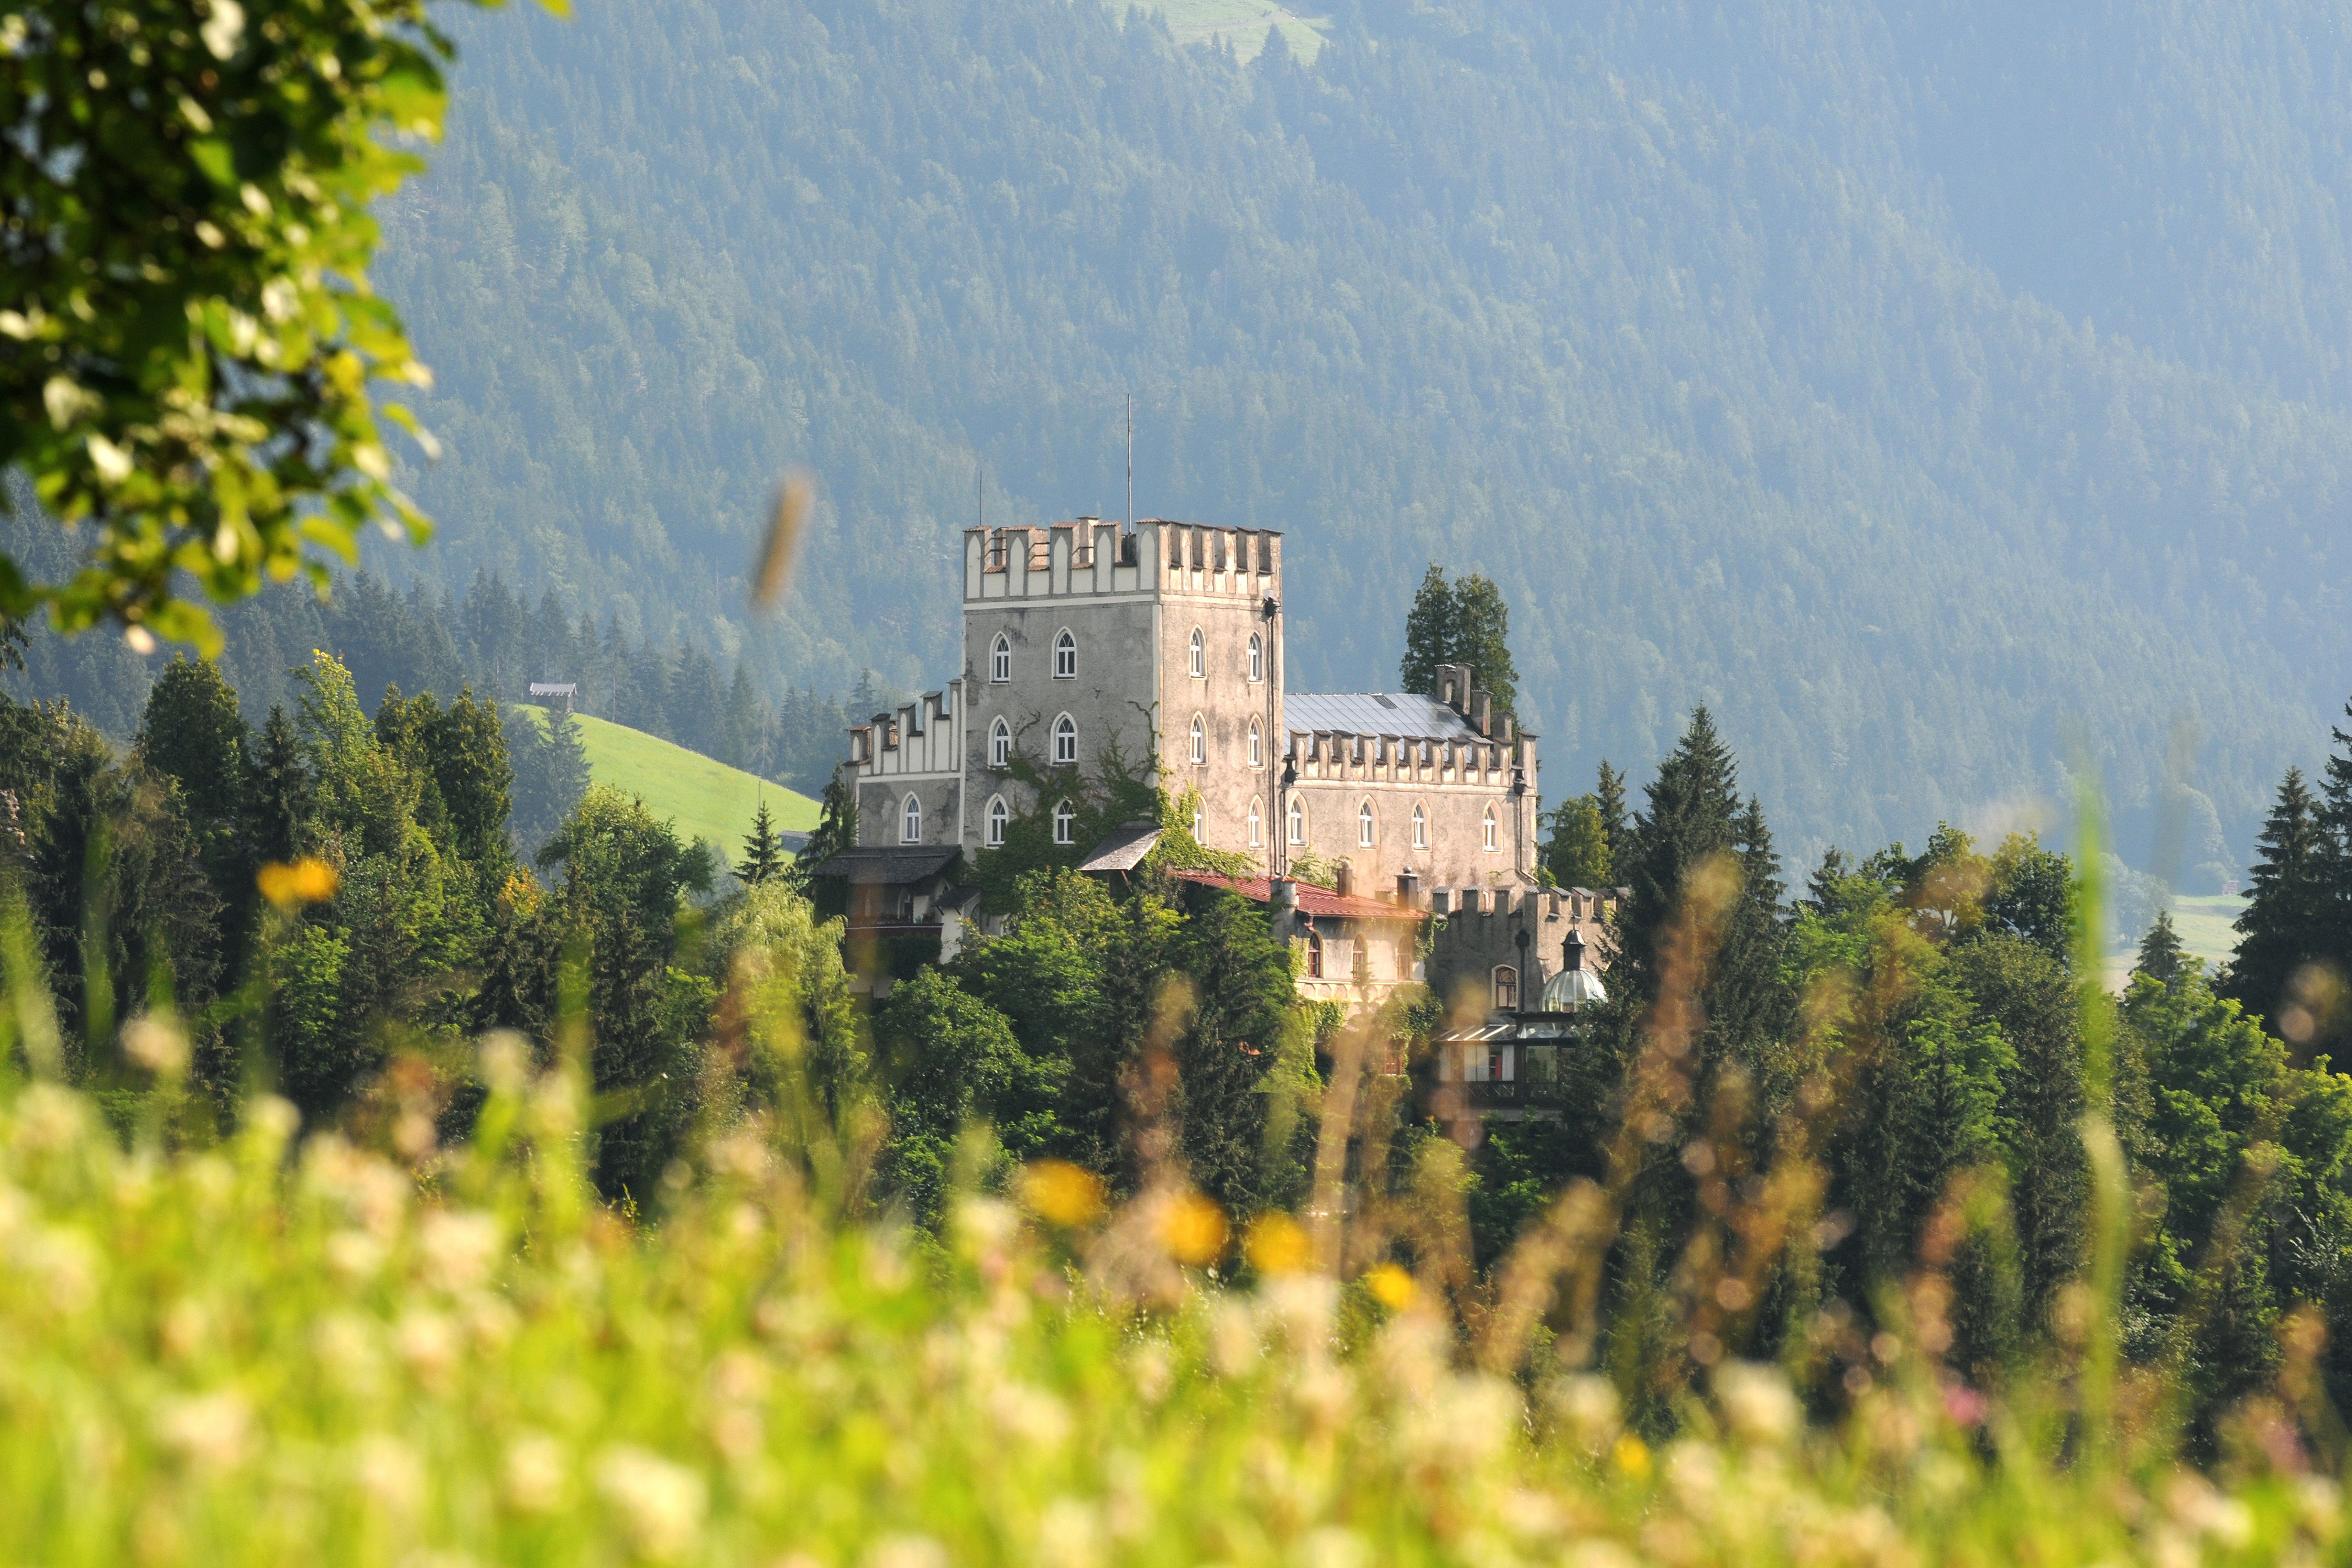 Schloss Itter'><br><i>Schloss Itter (Foto: © Stefan Astner)</i></p>  <h2>Tips in Itter</h2> <p> - Aan de rand van Itter, aan de Brixentaler Straße, ligt Terrassencamping Schlossberg Itter. De camping is tegen de berg opgebouwd en biedt uitzichten op de omringende bergwereld en Schloss Itter. Er is een zwembad, saunacomplex en restaurant met terras aanwezig.<br> - Tijdens een vakantie in Itter kun je de <a href=